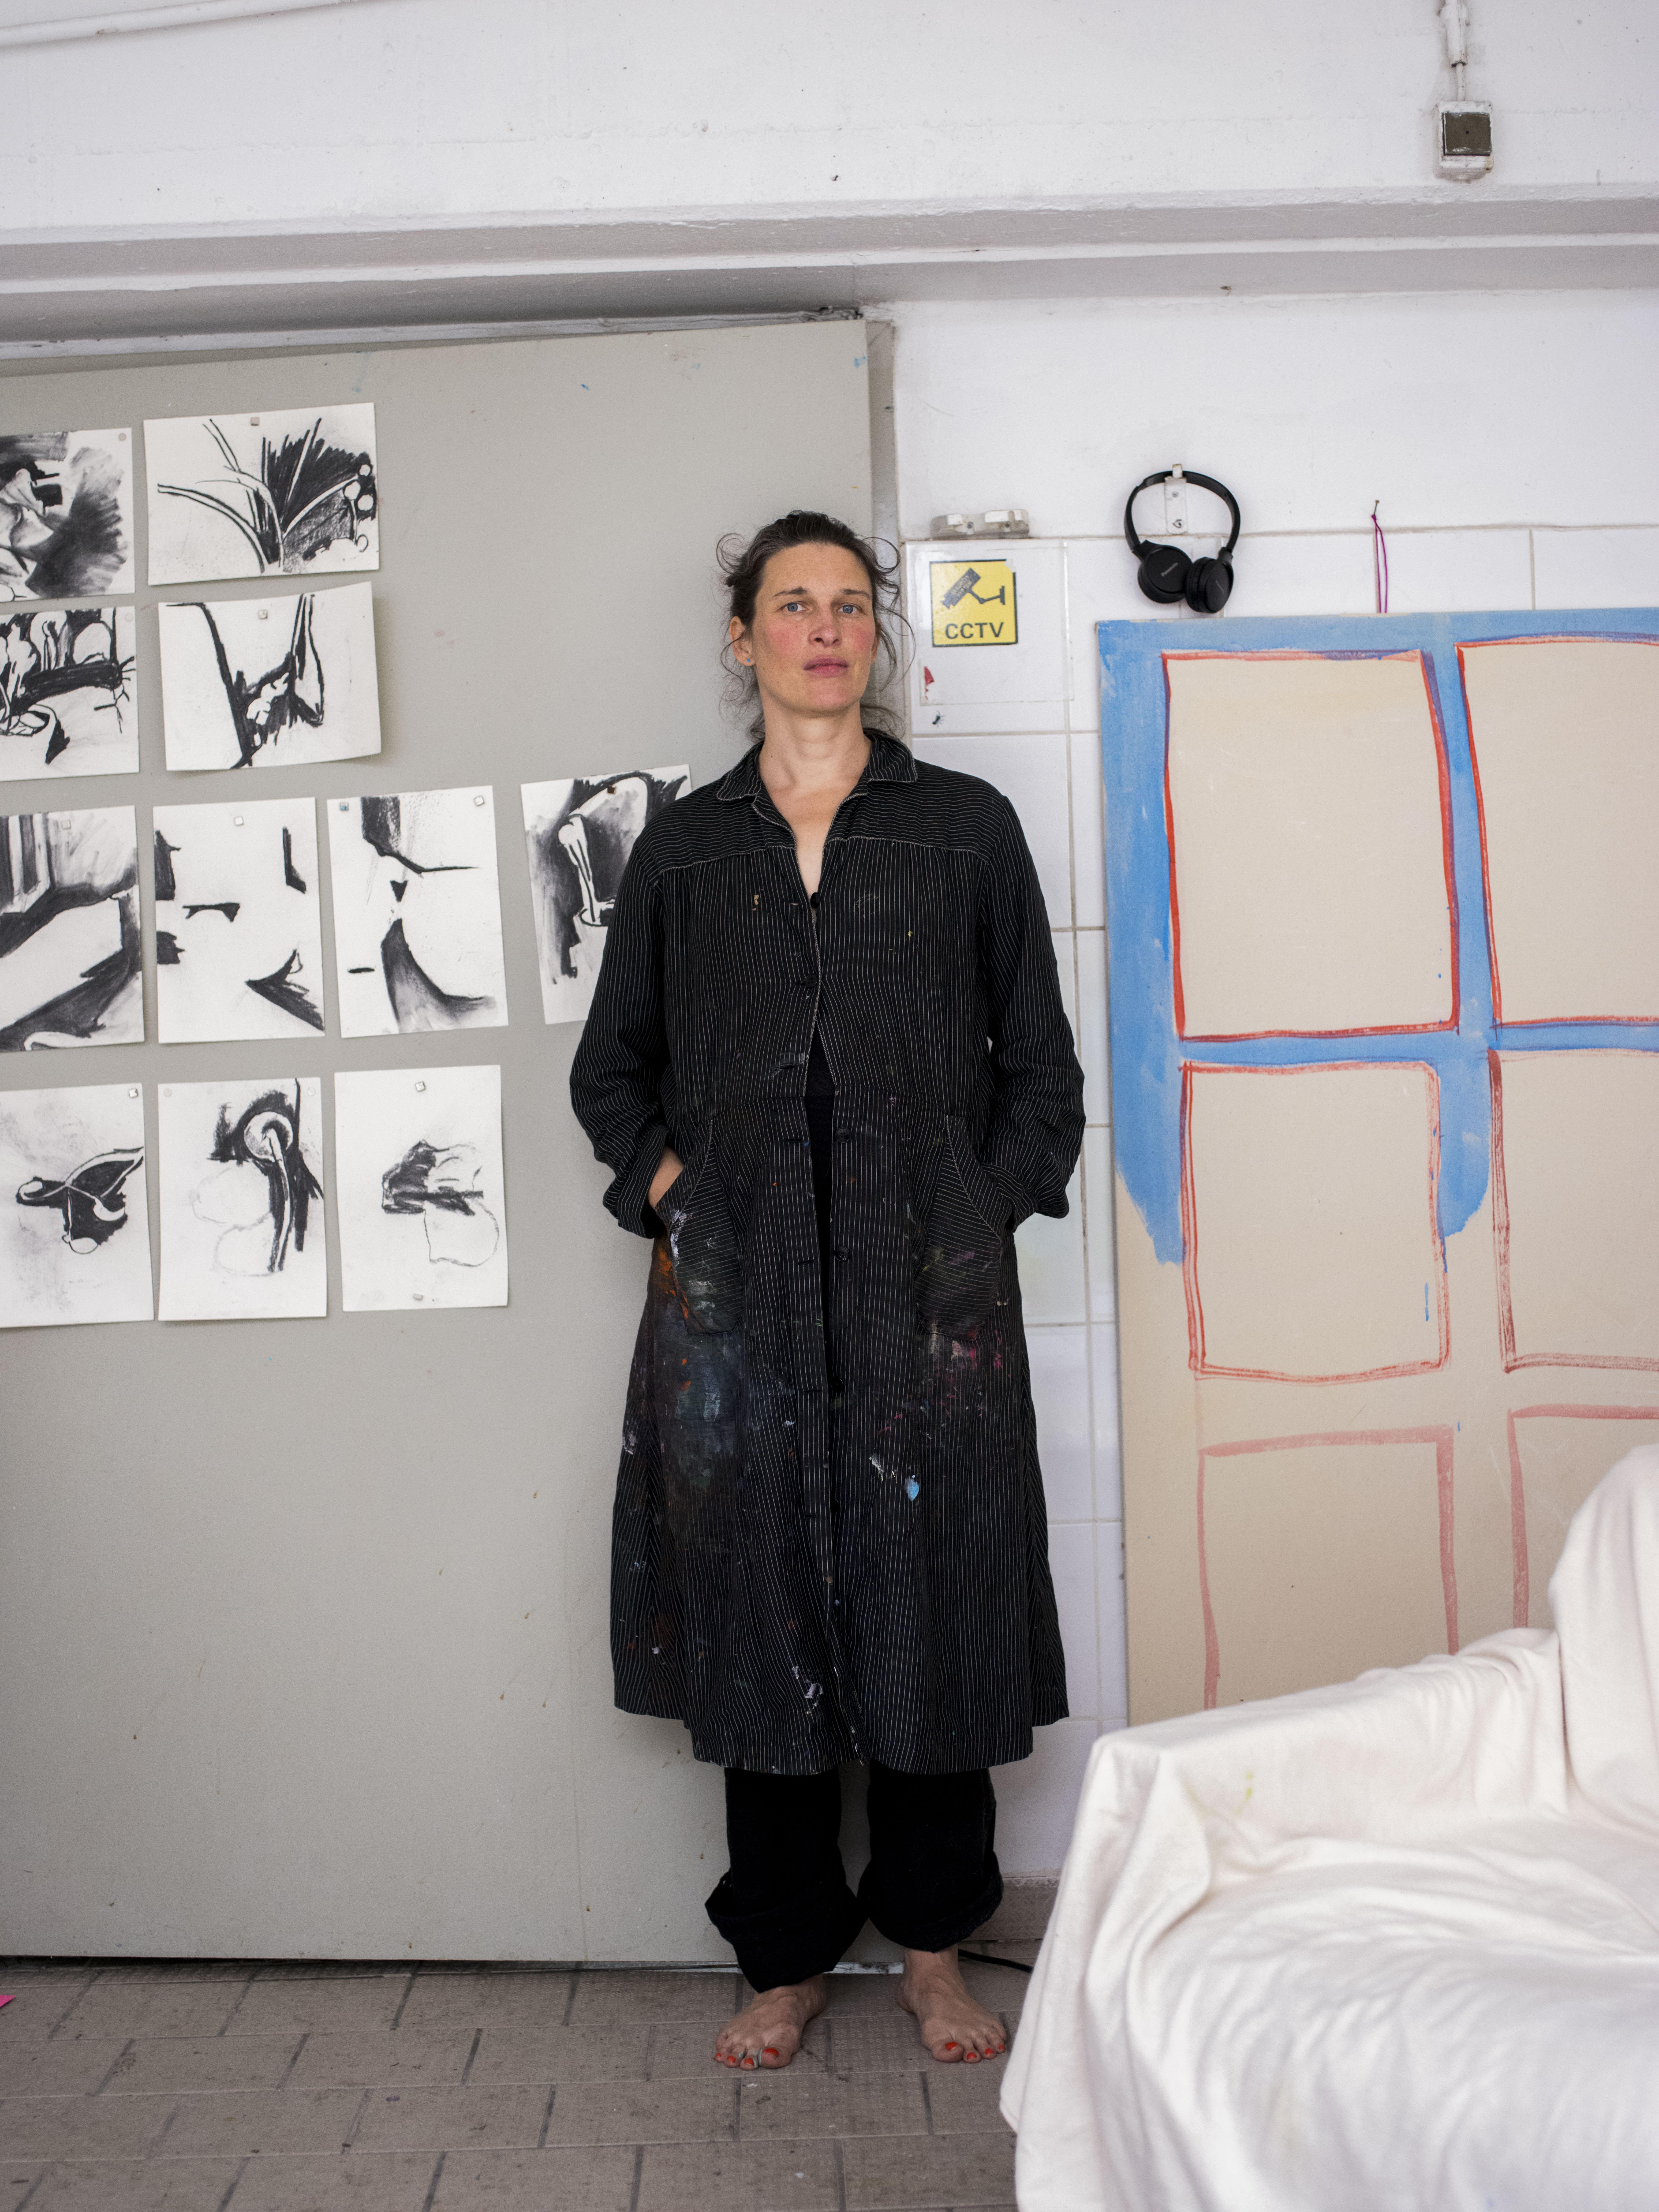 Judith Schmidt in her Studio, Photo ©Kirsten Becken